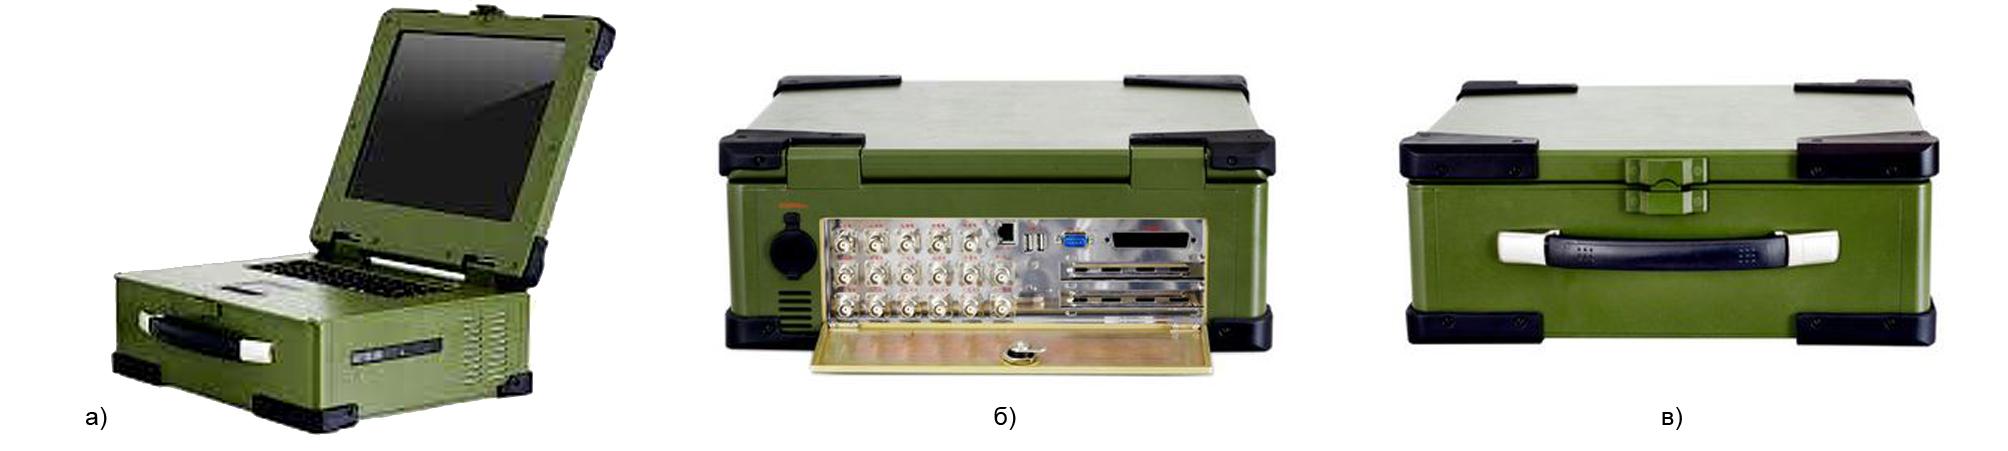 15-дюймовая портативная рабочая станция JEC-1503C